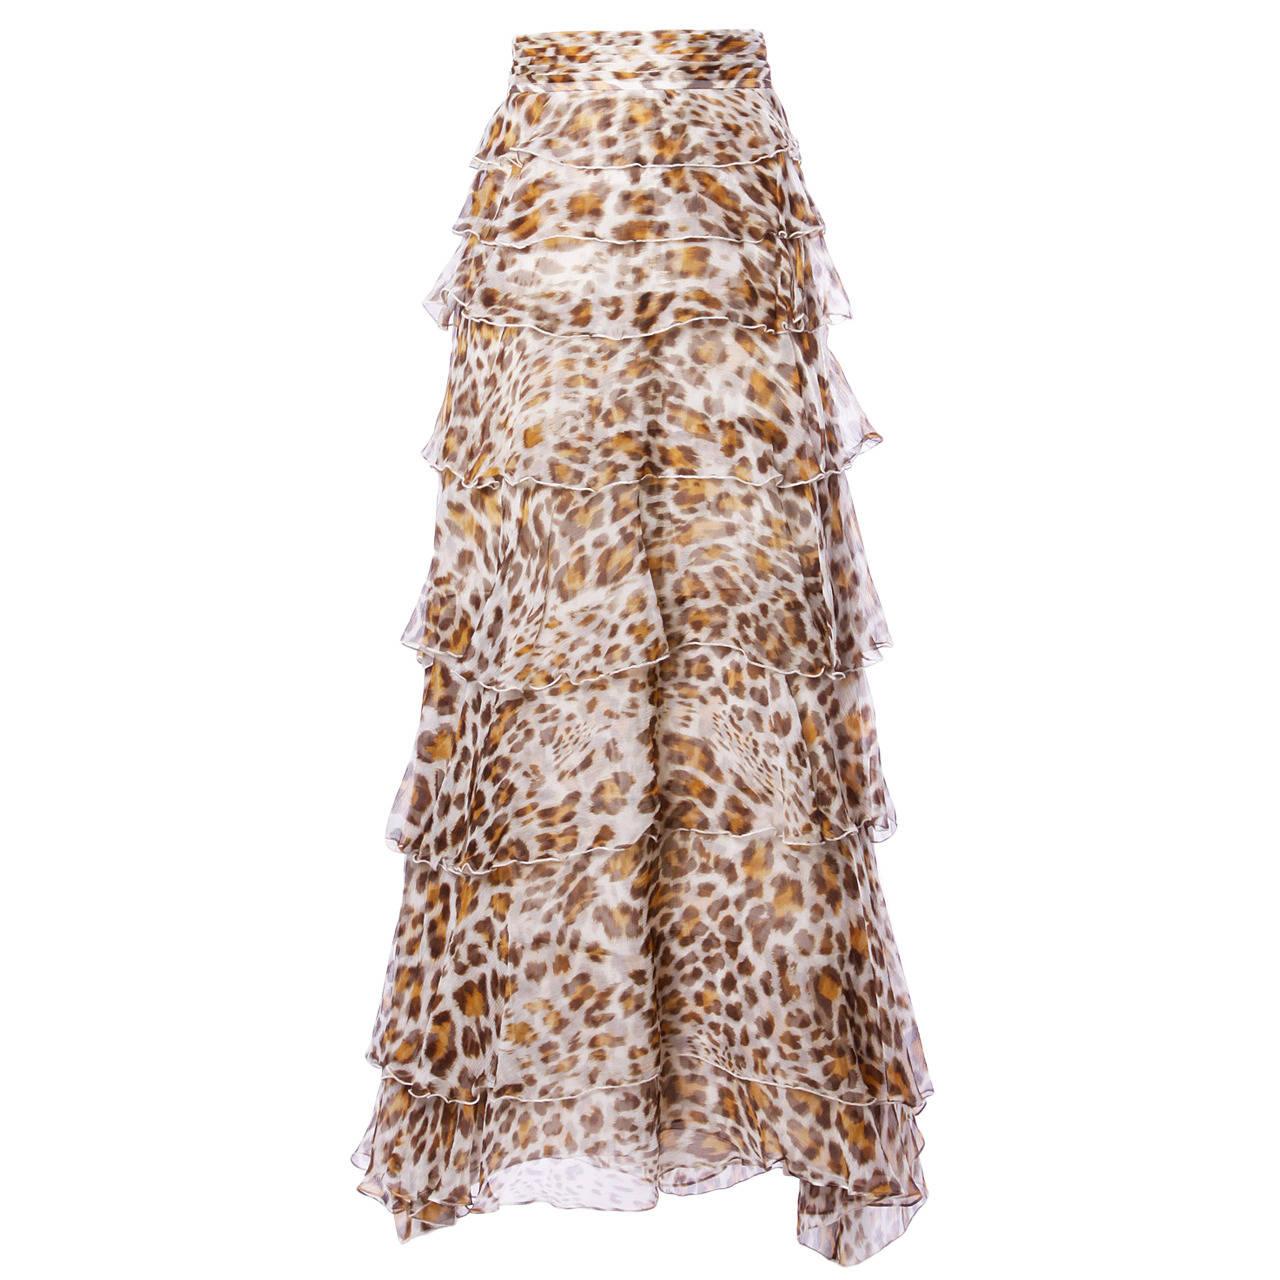 51a0e668a93a2 Silk Chiffon Leopard Print Maxi Skirt